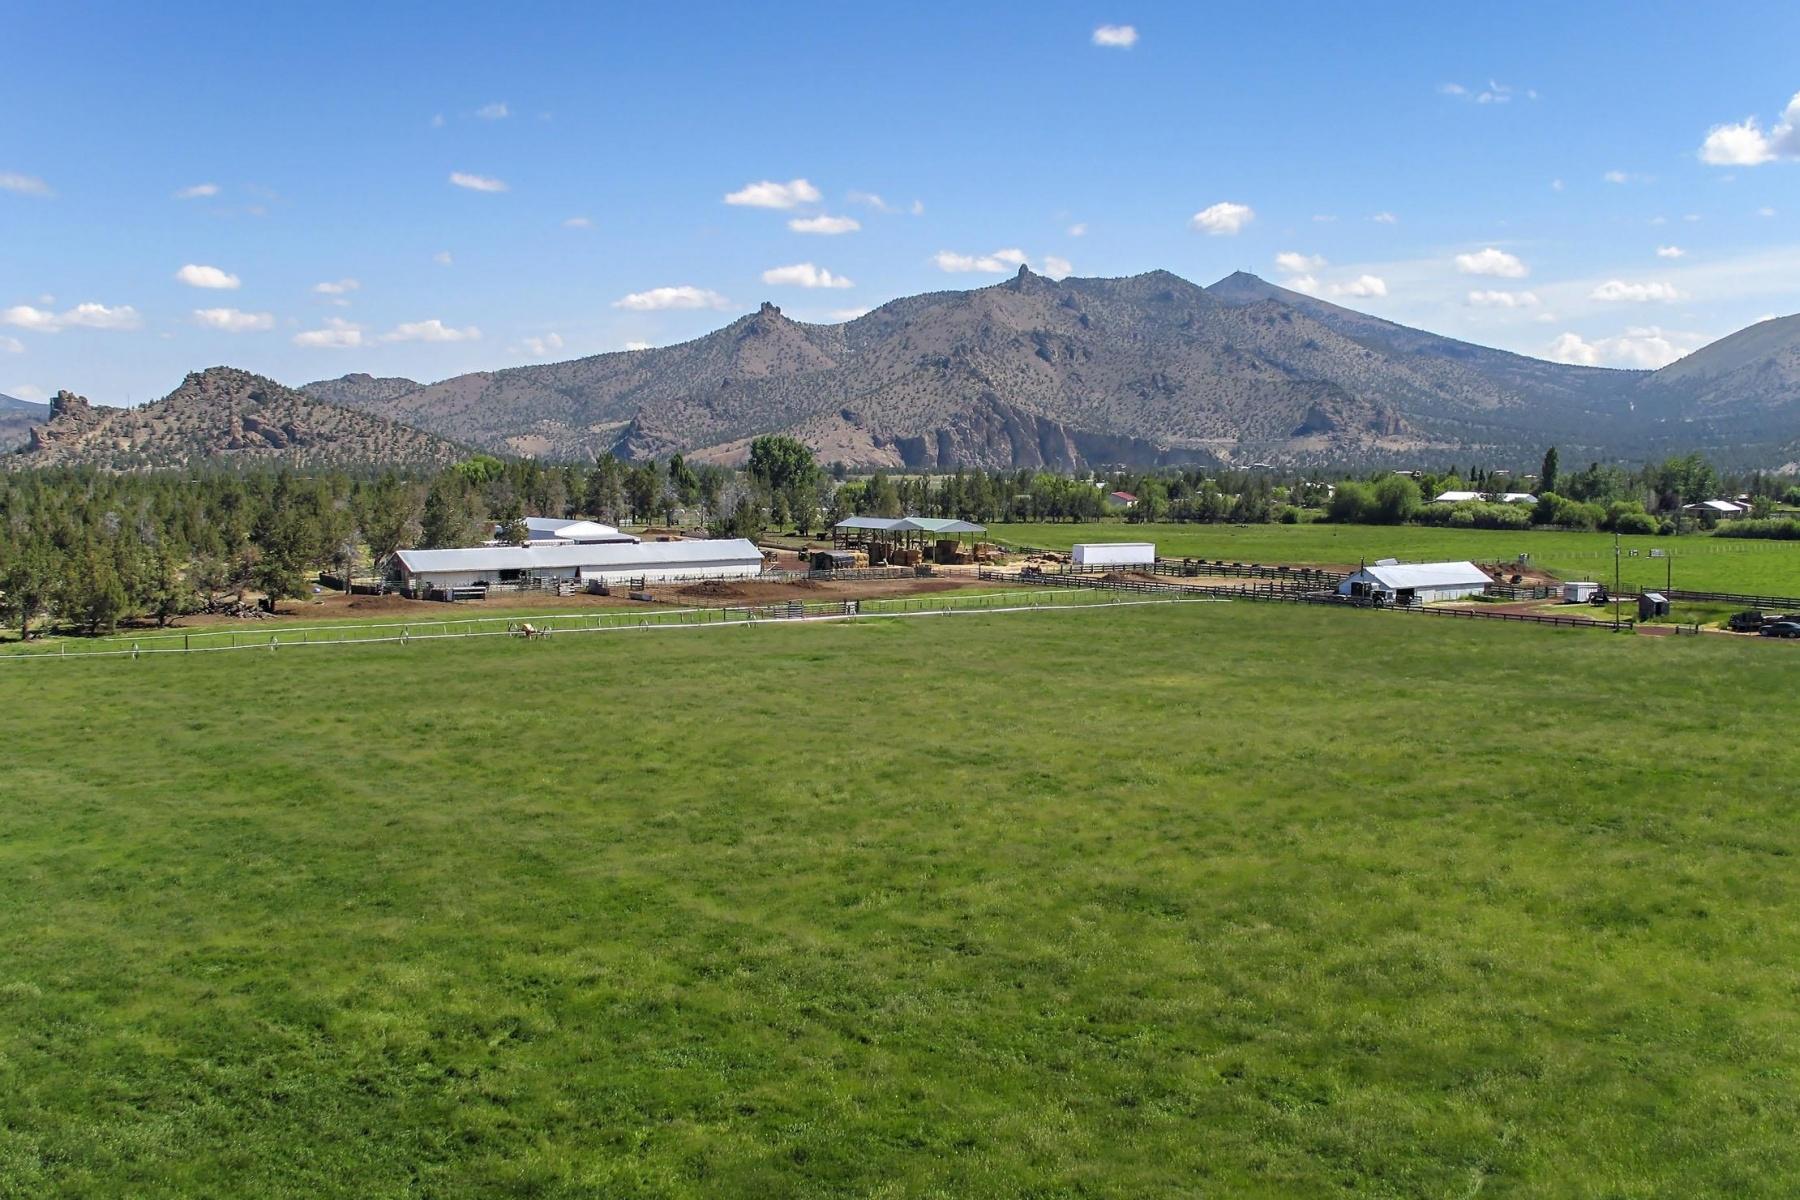 农场 / 牧场 / 种植园 为 销售 在 9600 N Highway 97, TERREBONNE 泰勒伯恩, 俄勒冈州, 97760 美国